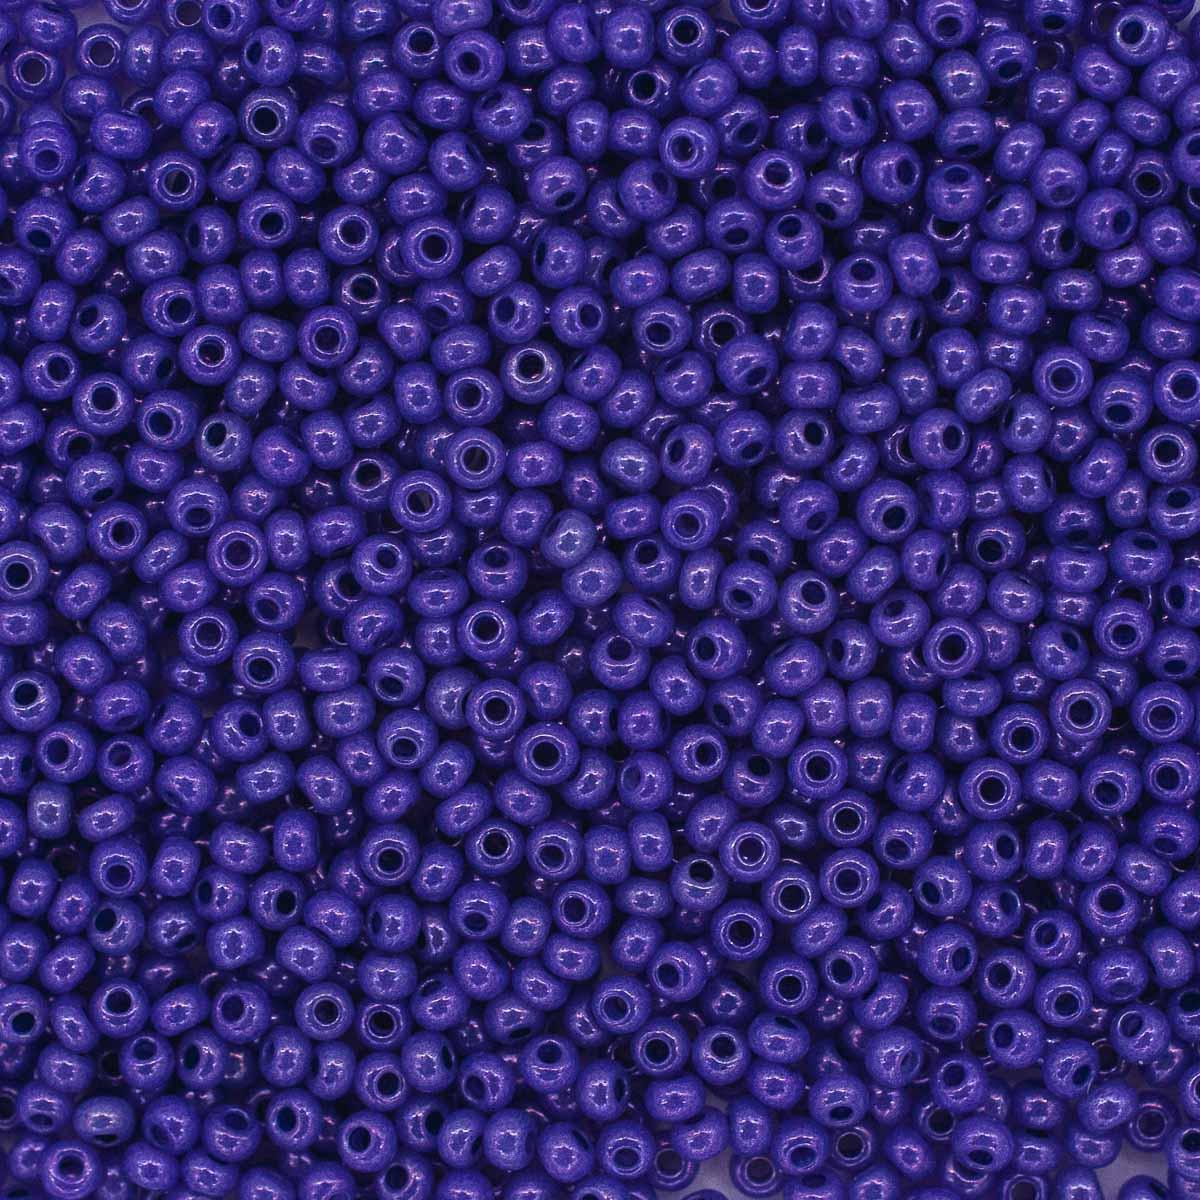 Бисер алебастр с блест.покрытием и цв.центром 10/0, круг.отв., 20гр (17328) 331-19001-10/0  (арт. 7718529)